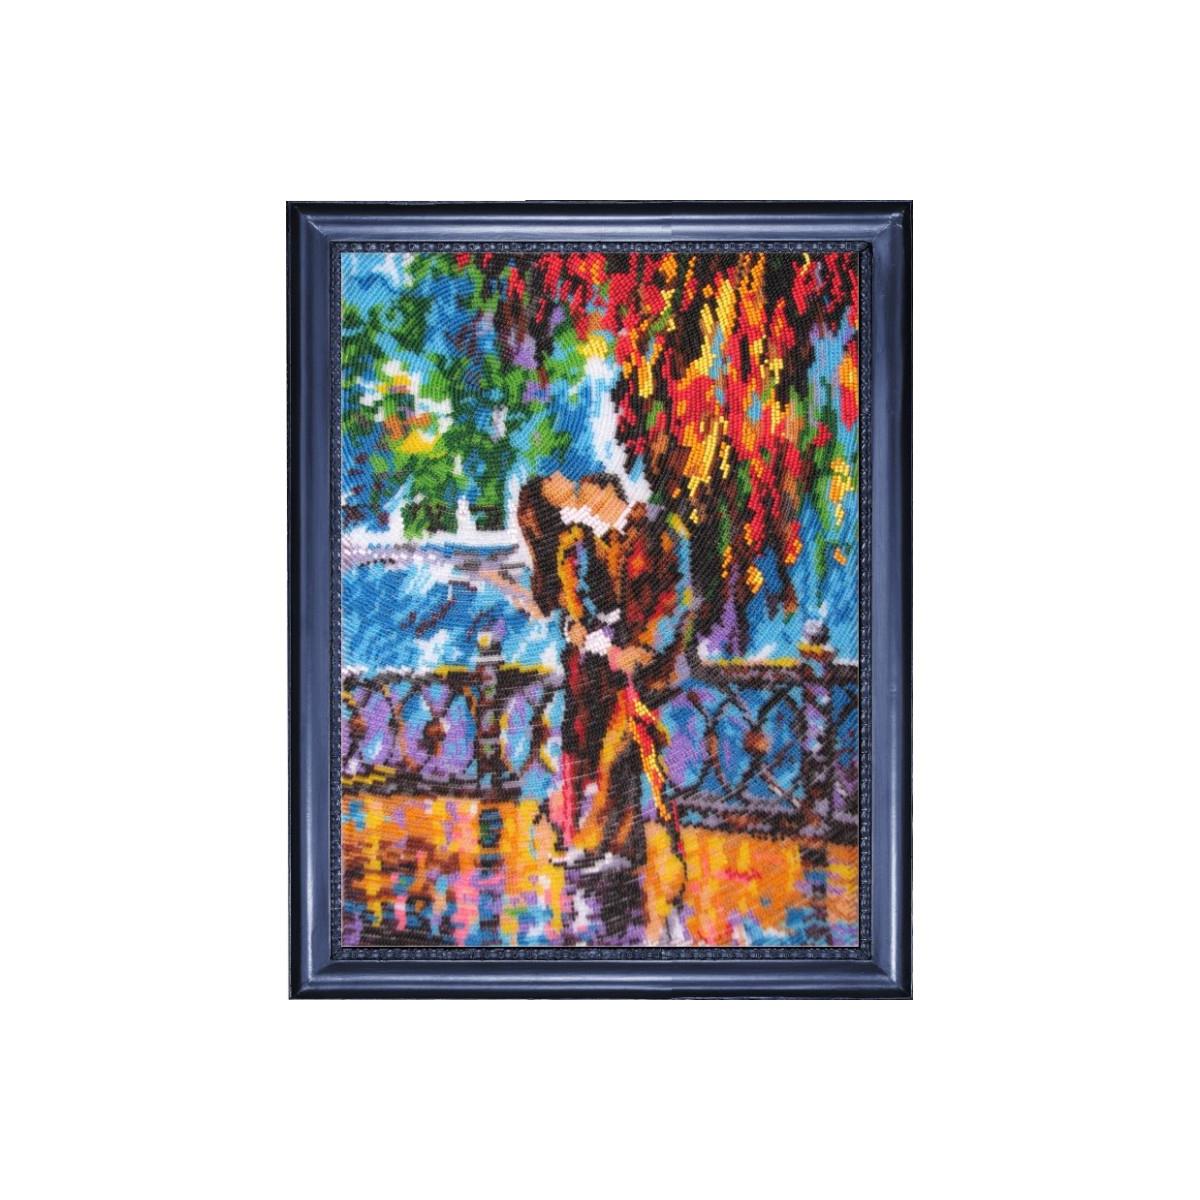 Набор для вышивания бисером Кроше Поцелуй после дождя, 35 х 26 см485802Очаровательные наборы для вышивания бисером от украинского бренда Butterfly не оставят равнодушными всех любителей этого вида рукоделия. В состав набора Поцелуй после дождя входит: ткань с нанесенным полноцветным рисунком, бисер Preciosa Ornela (Чехия) - 23 цвета, игла для вышивания, инструкция.